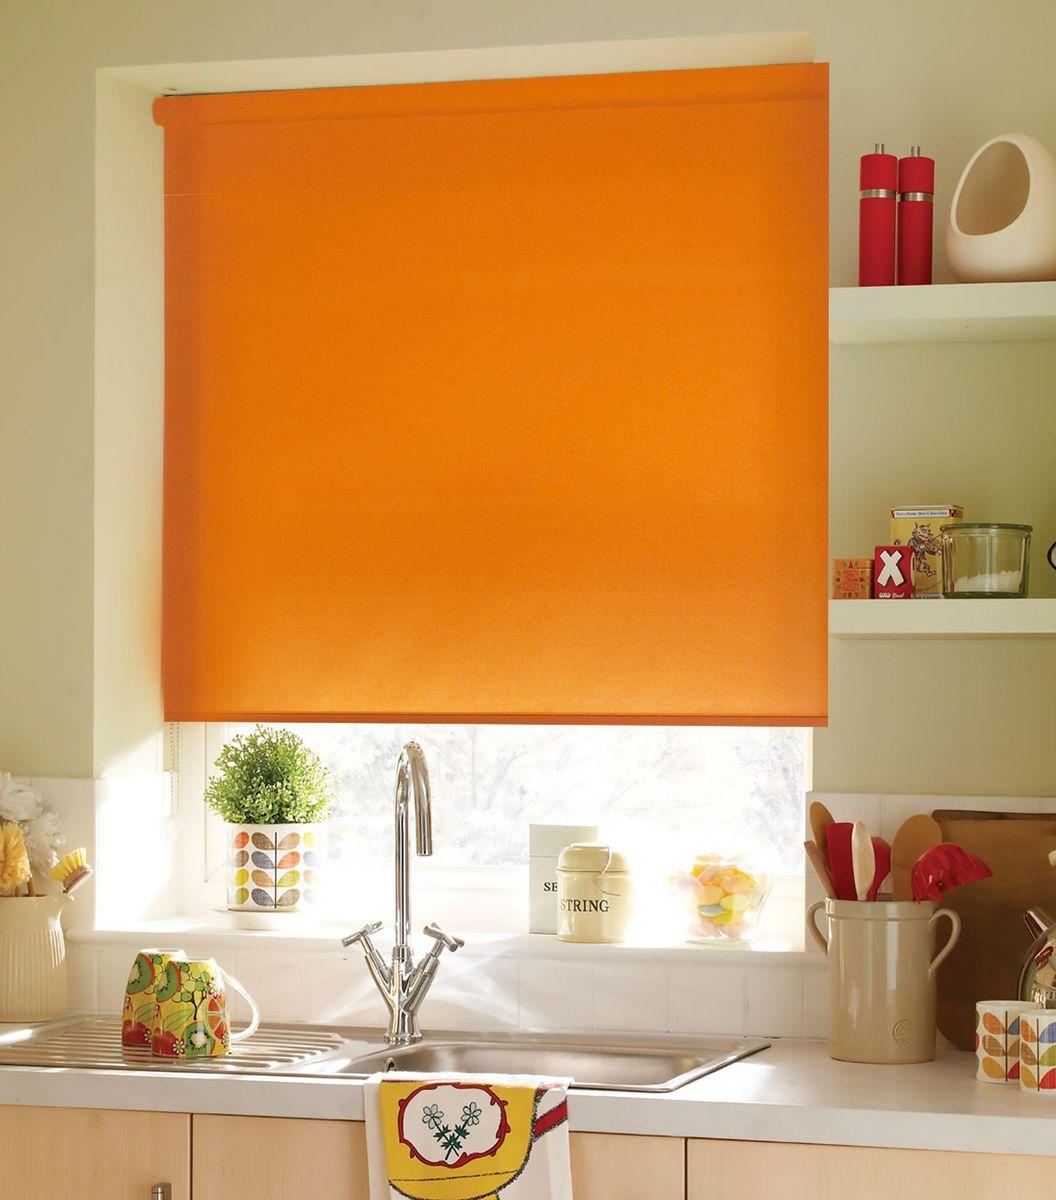 Штора рулонная Эскар, цвет: апельсиновый, ширина 80 см, высота 170 см81203080170Рулонными шторами можно оформлять окна как самостоятельно, так и использовать в комбинации с портьерами. Это поможет предотвратить выгорание дорогой ткани на солнце и соединит функционал рулонных с красотой навесных.Преимущества применения рулонных штор для пластиковых окон:- имеют прекрасный внешний вид: многообразие и фактурность материала изделия отлично смотрятся в любом интерьере; - многофункциональны: есть возможность подобрать шторы способные эффективно защитить комнату от солнца, при этом о на не будет слишком темной. - Есть возможность осуществить быстрый монтаж. ВНИМАНИЕ! Размеры ширины изделия указаны по ширине ткани!Во время эксплуатации не рекомендуется полностью разматывать рулон, чтобы не оторвать ткань от намоточного вала.В случае загрязнения поверхности ткани, чистку шторы проводят одним из способов, в зависимости от типа загрязнения: легкое поверхностное загрязнение можно удалить при помощи канцелярского ластика; чистка от пыли производится сухим методом при помощи пылесоса с мягкой щеткой-насадкой; для удаления пятна используйте мягкую губку с пенообразующим неагрессивным моющим средством или пятновыводитель на натуральной основе (нельзя применять растворители).